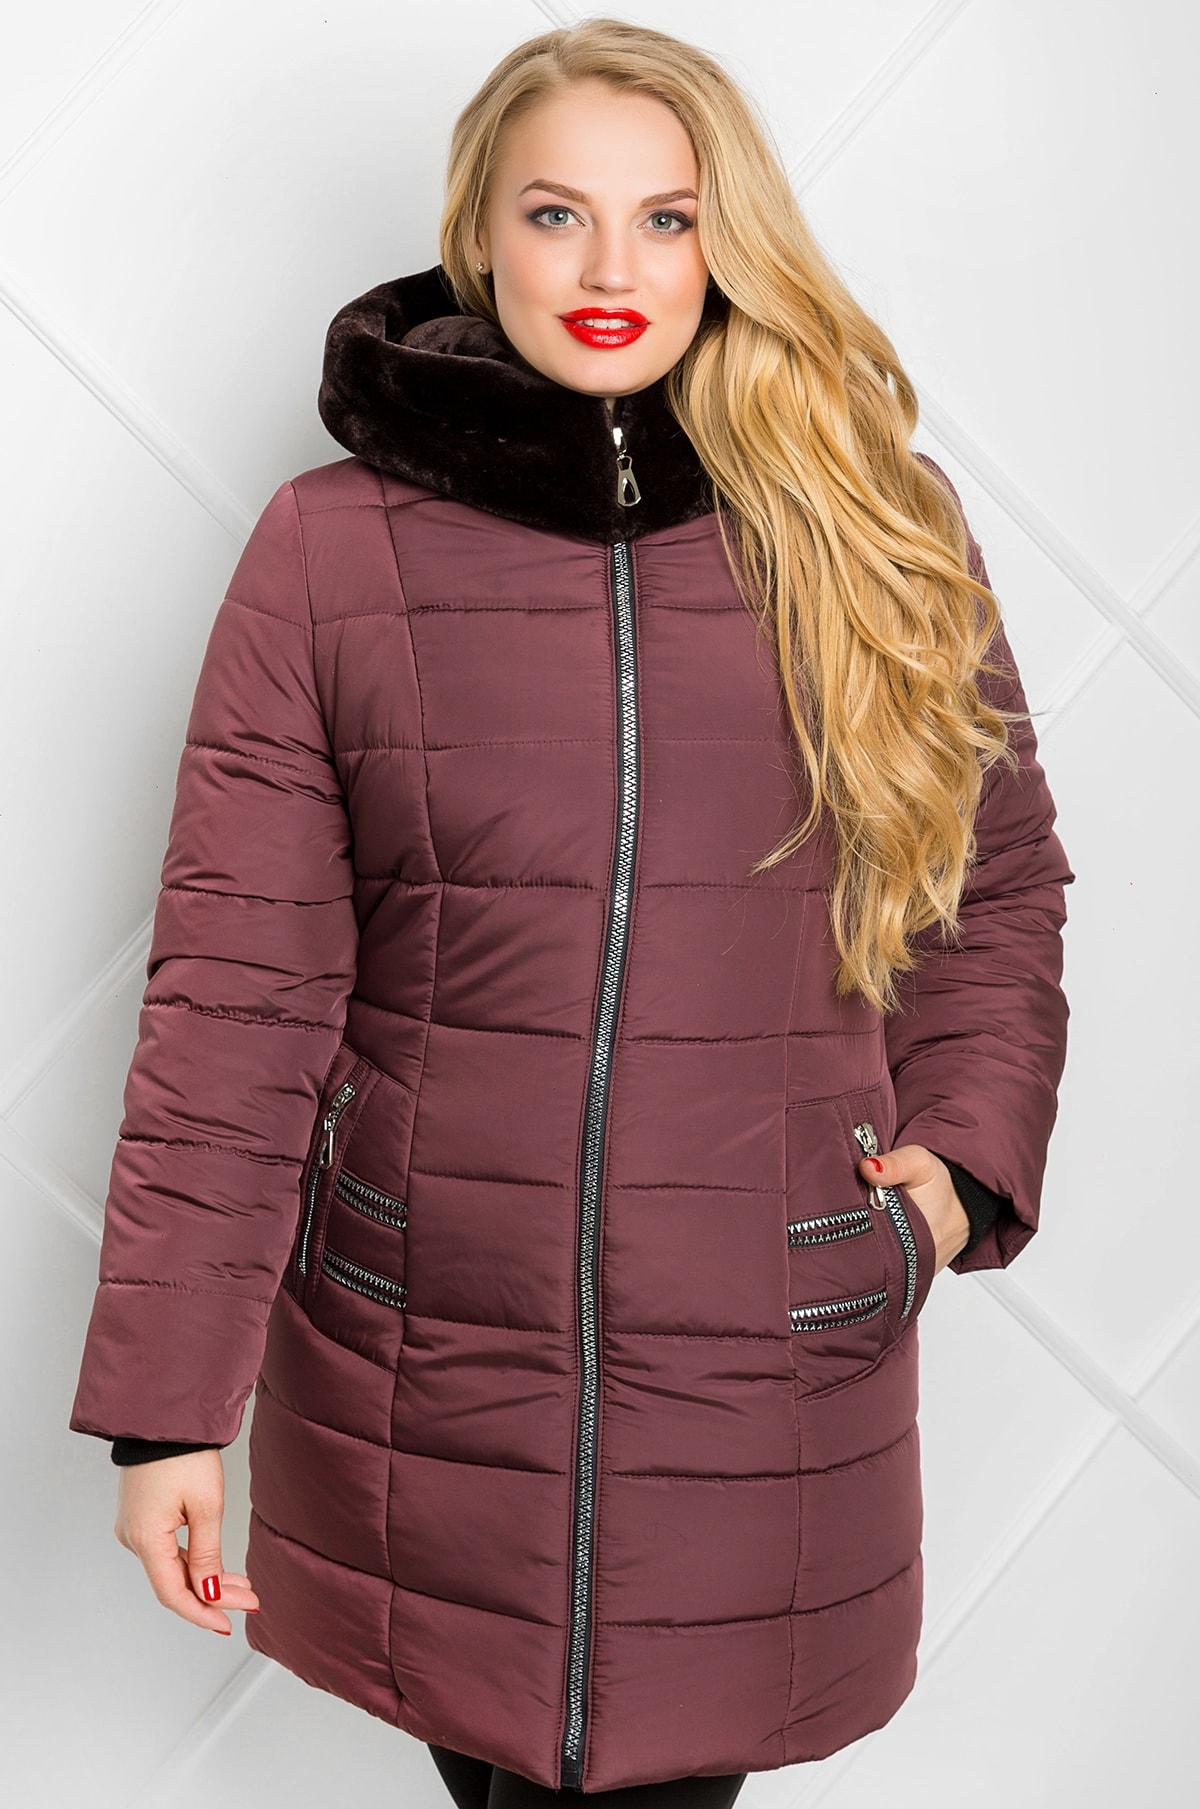 Пальто пуховик зимнее из плащевки КМ-2 цвета марсала с капюшоном ... 8c24977e00546